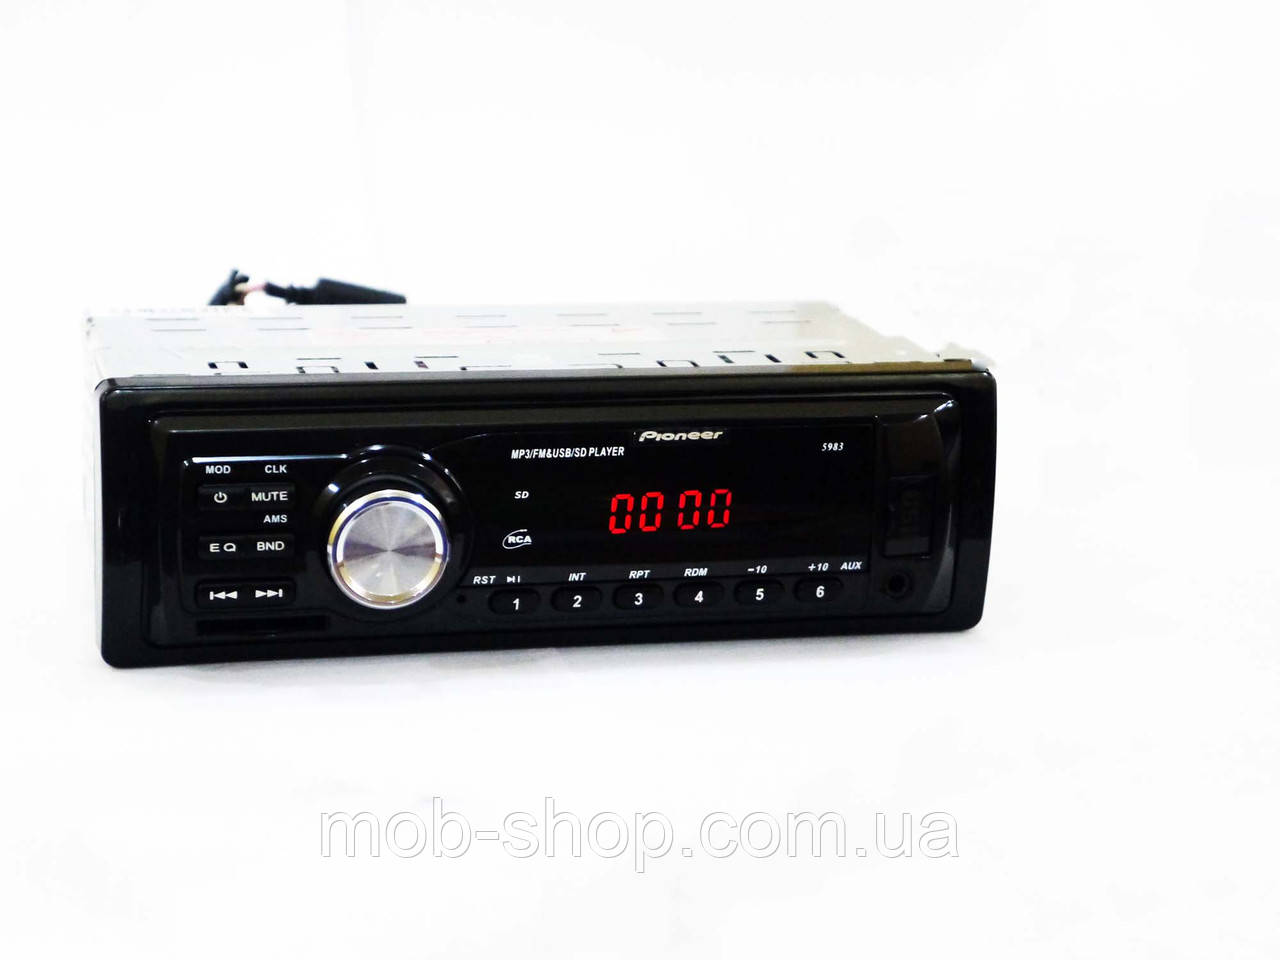 Автомагнитола пионер Pioneer 5983 MP3+Usb+Sd+Fm+Aux